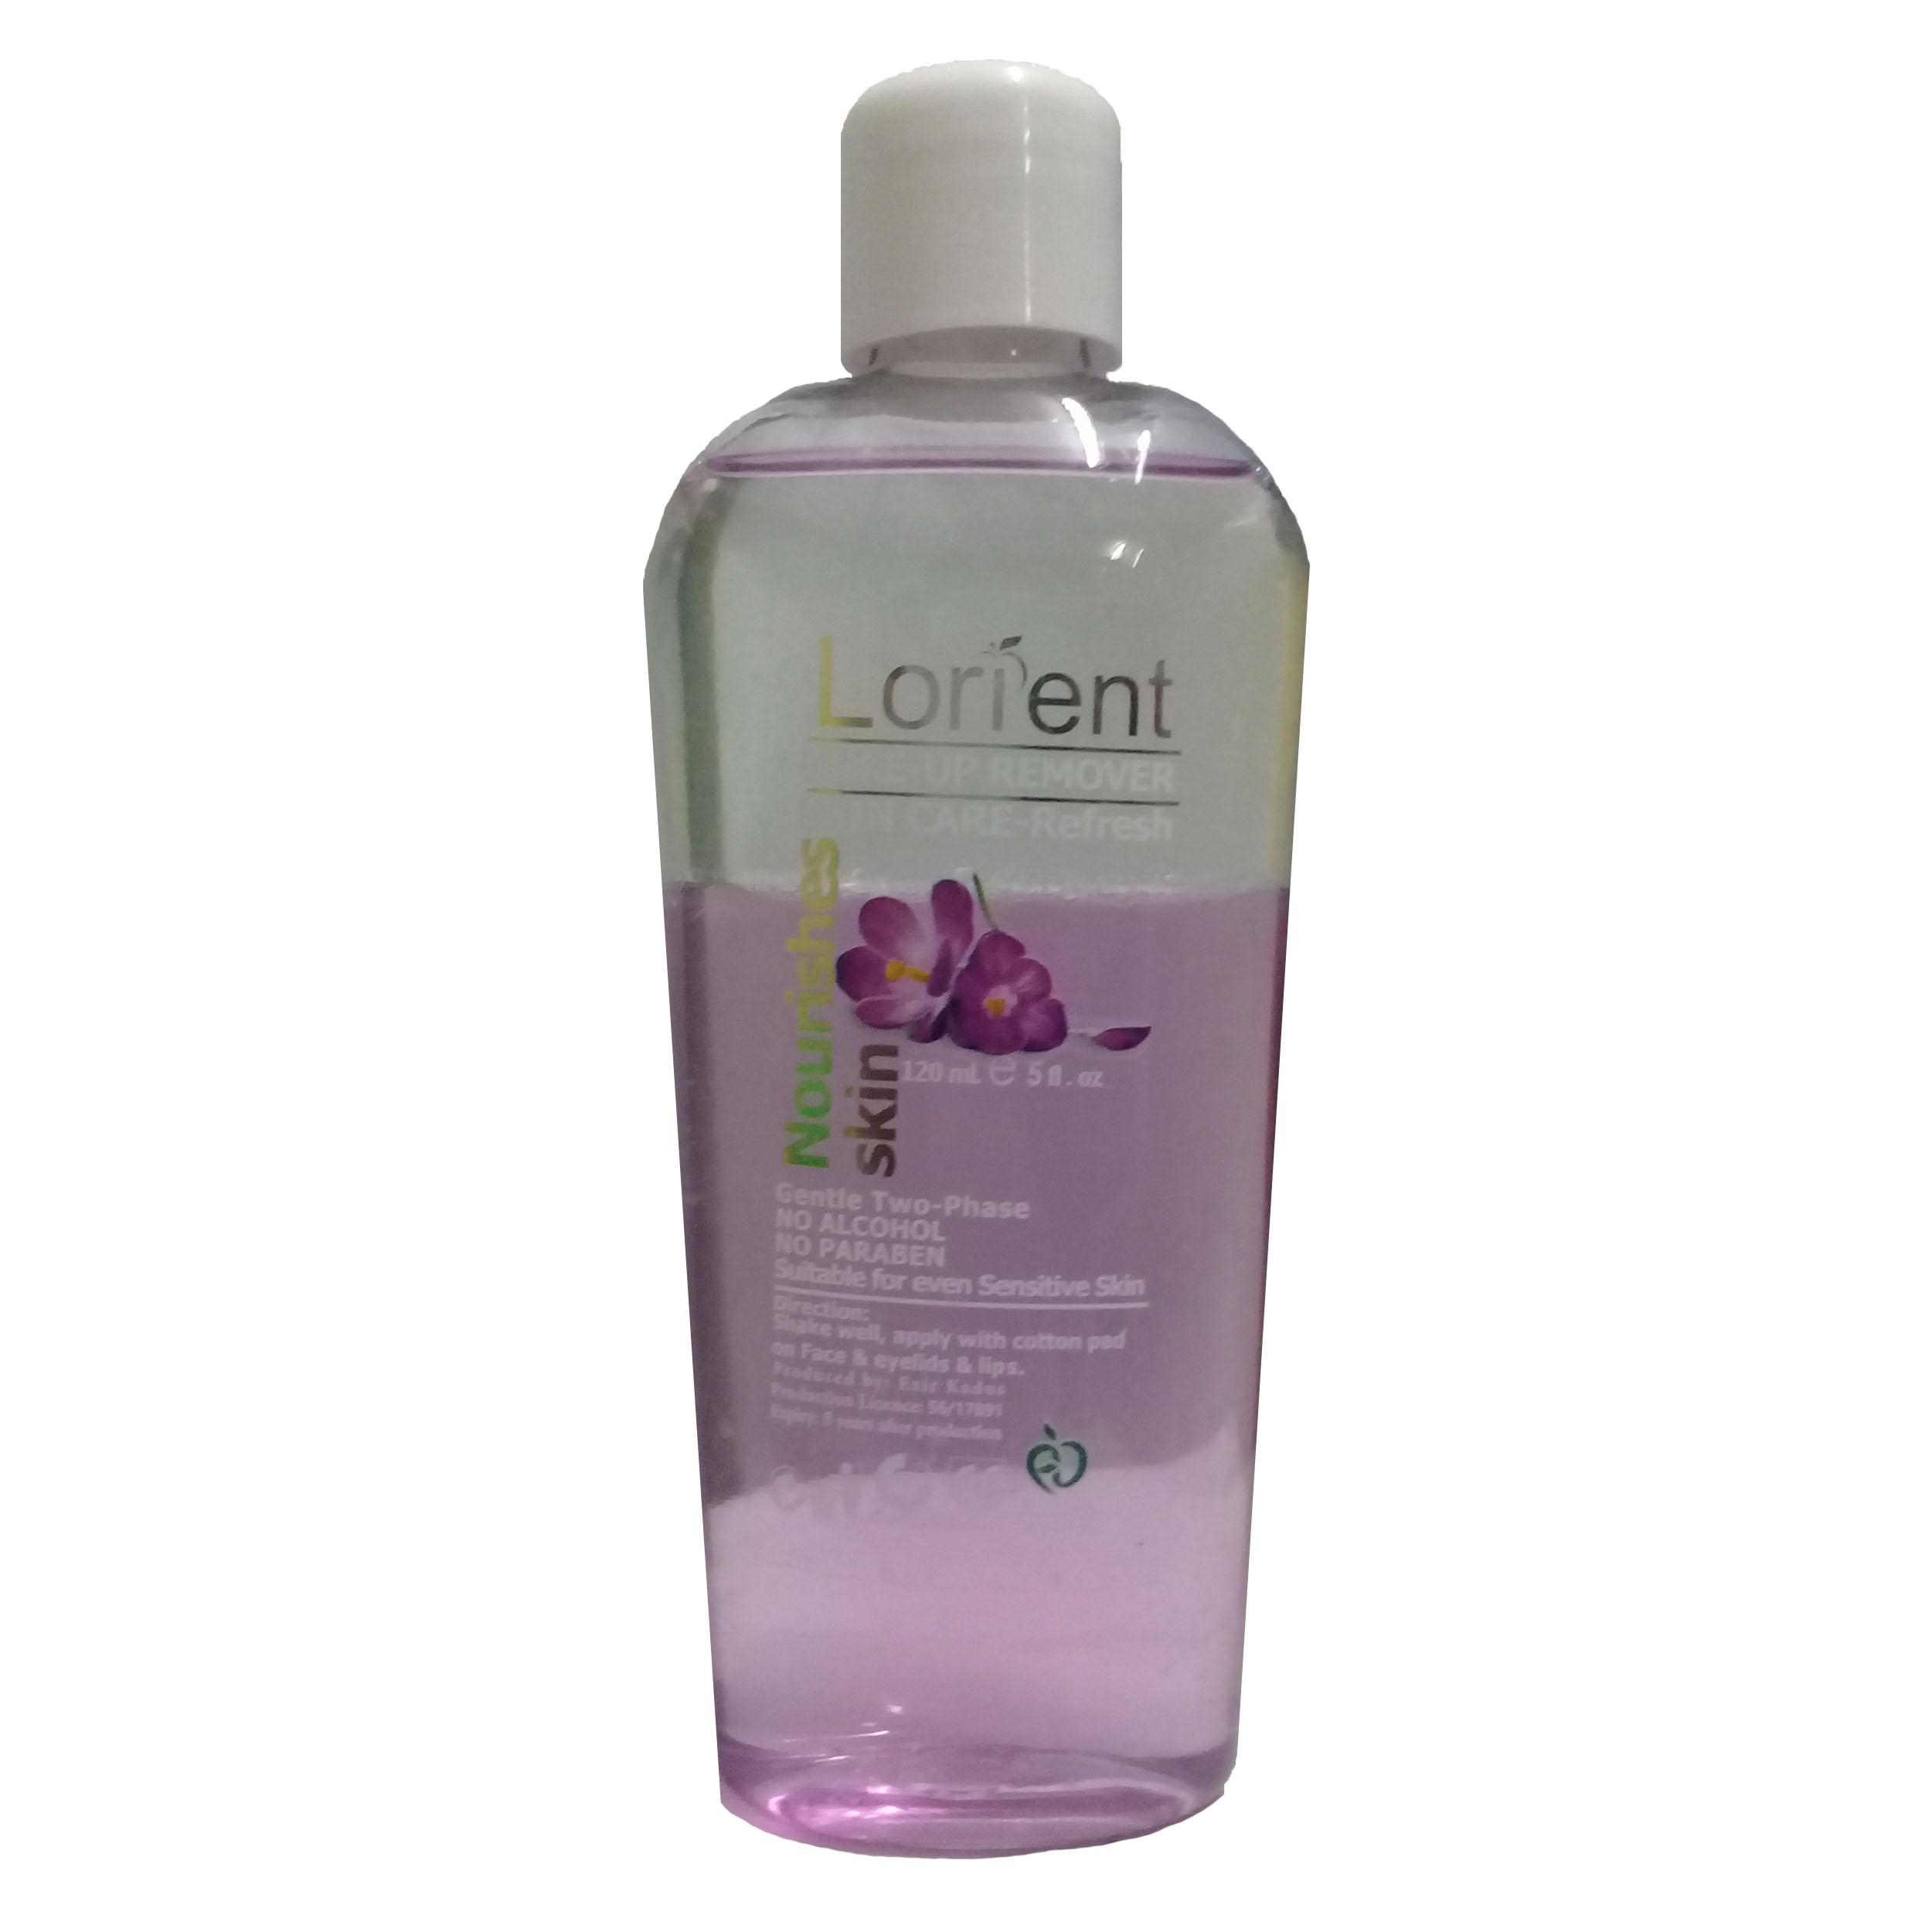 پاک کننده آرایش لورینت مدل Nourishes Skin حجم 120 میلی لیتر